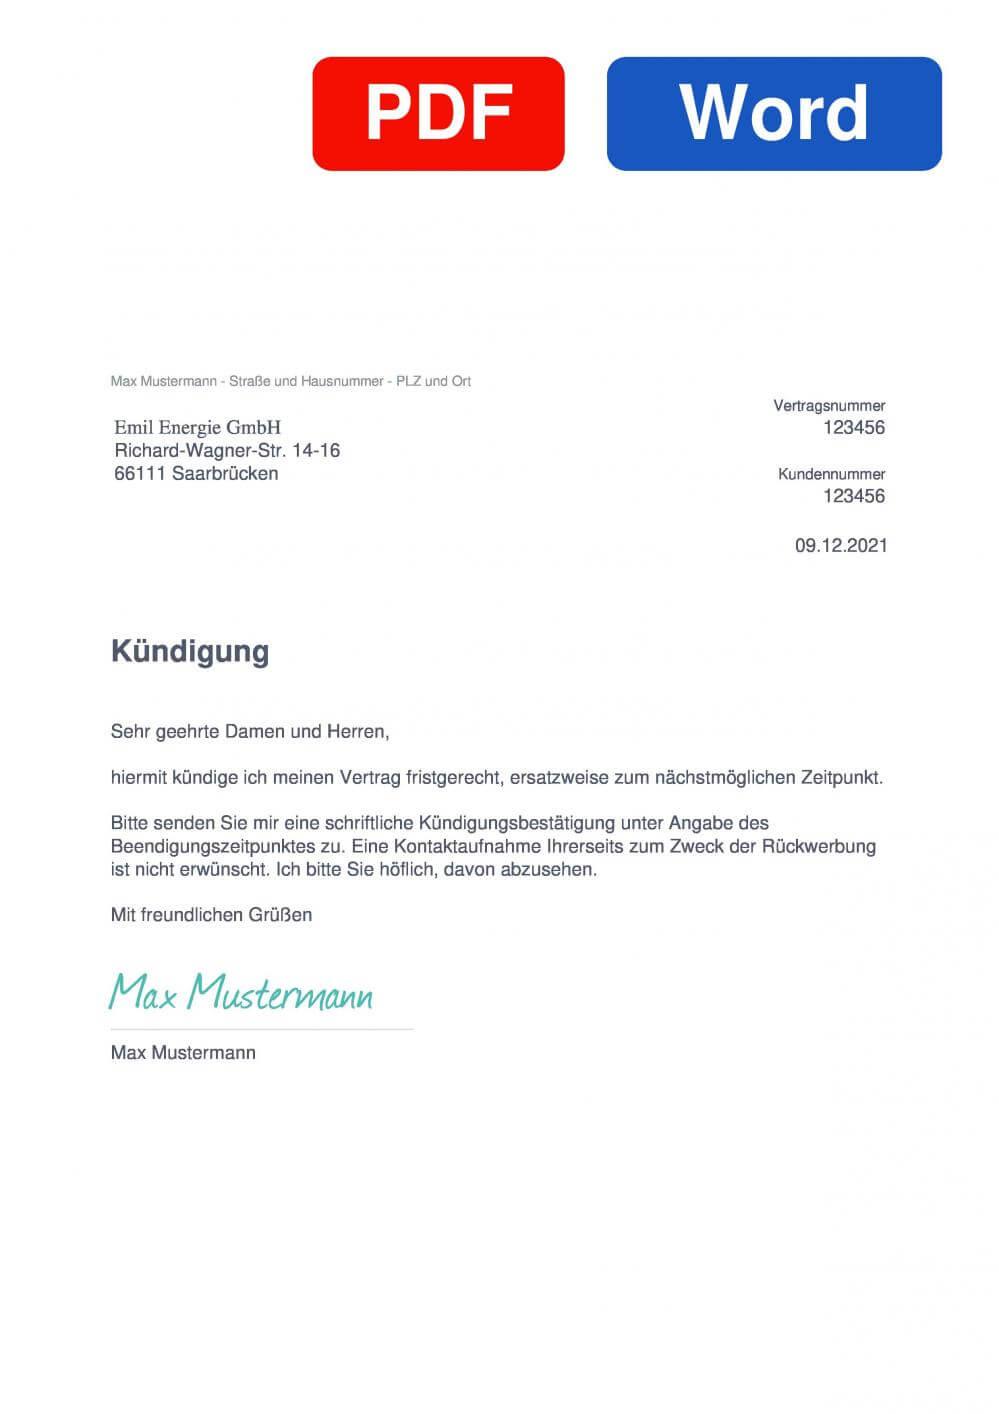 Emil Energie Muster Vorlage für Kündigungsschreiben